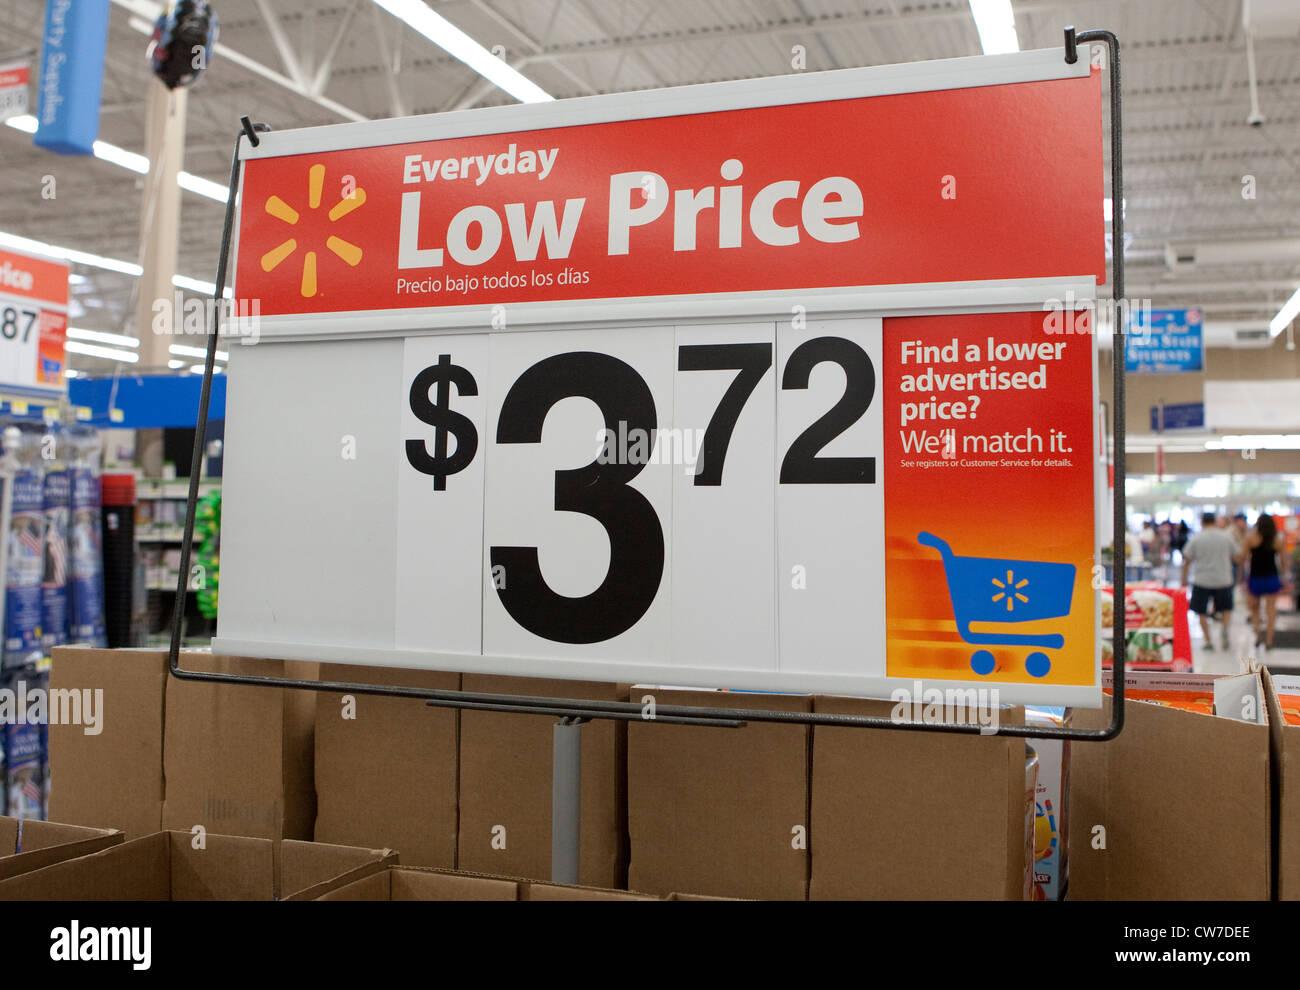 Walmart Store Display Imágenes De Stock & Walmart Store Display ...